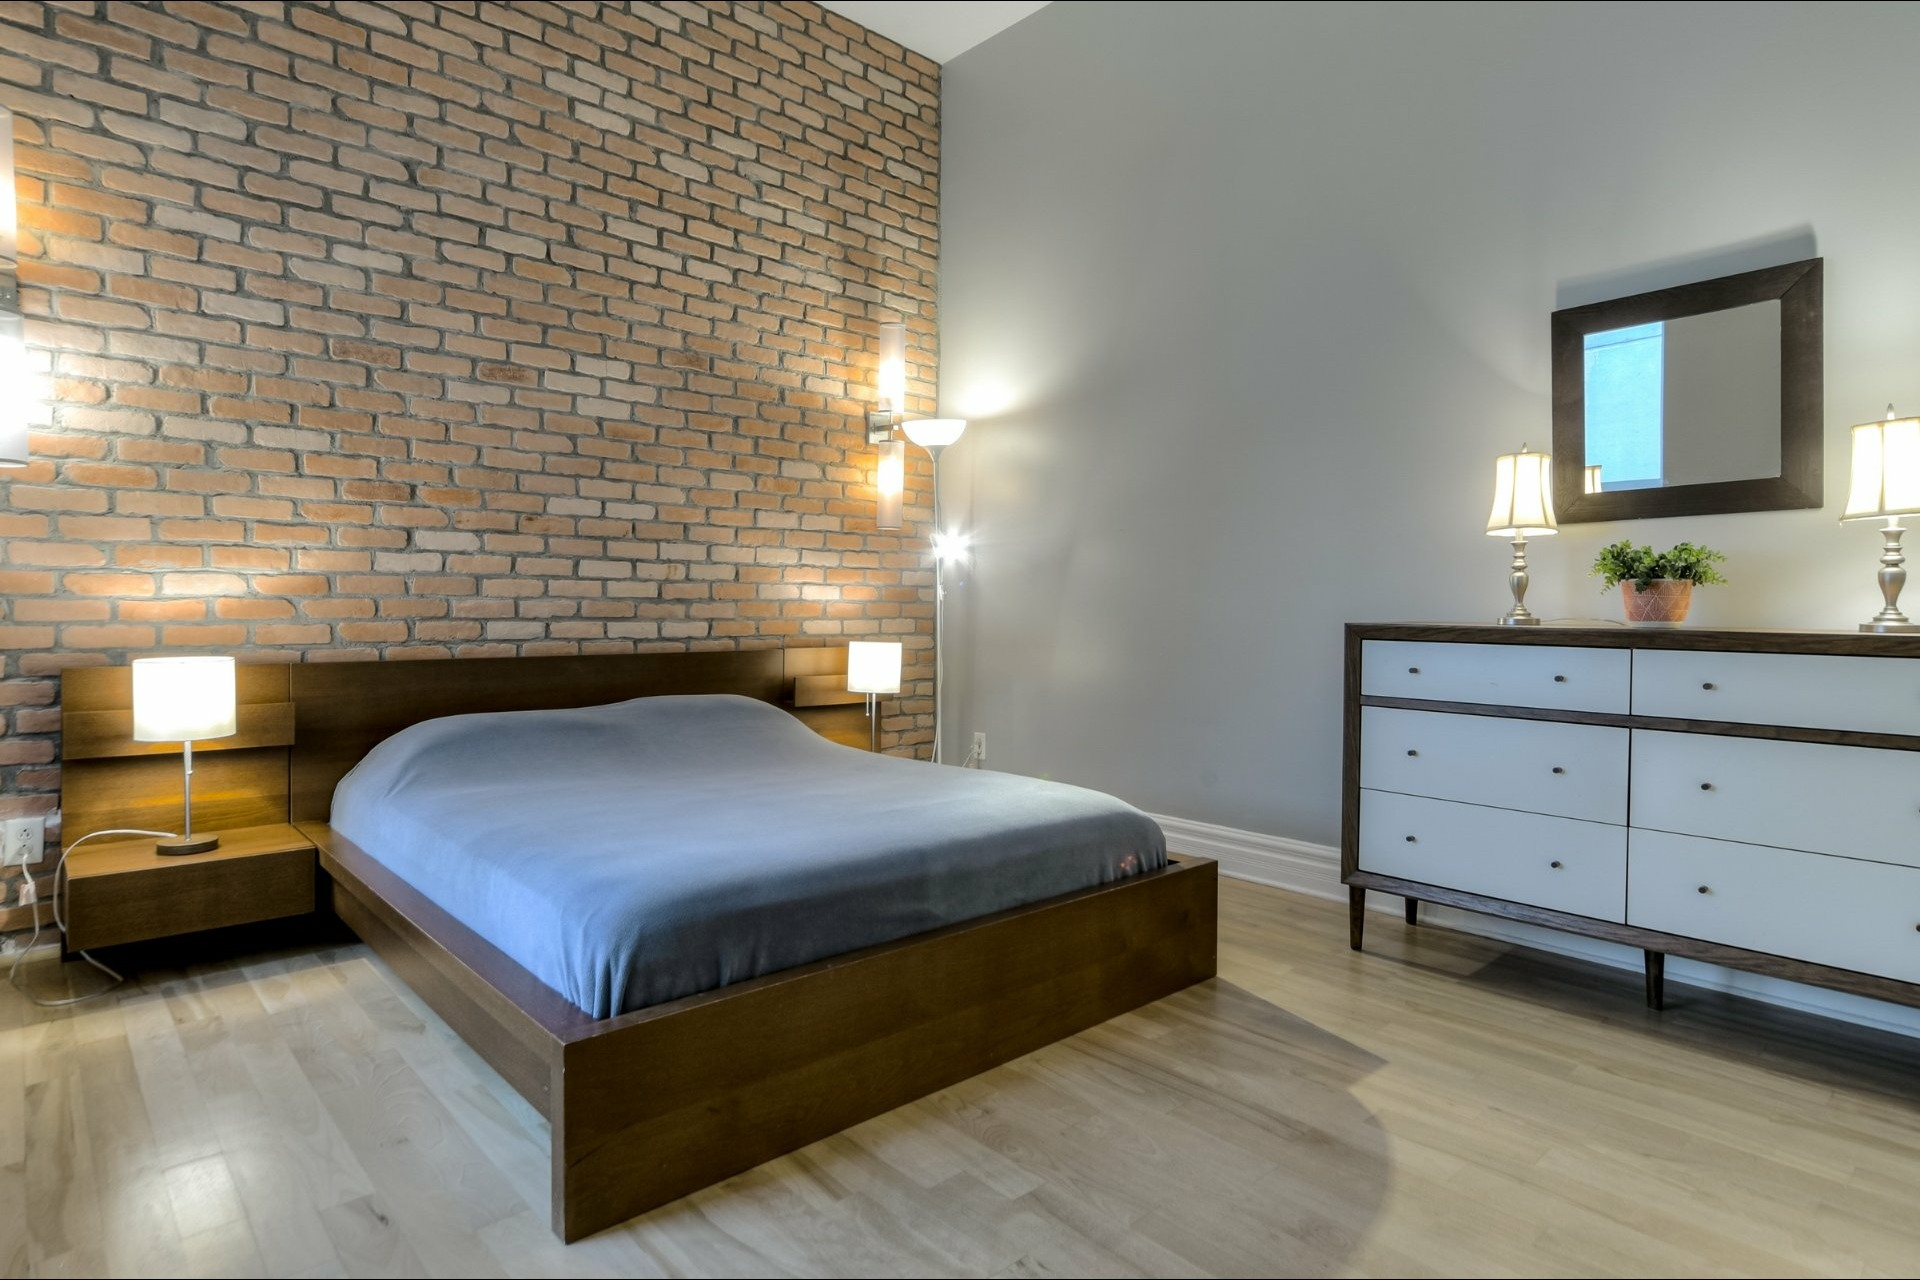 image 16 - Appartement À louer Montréal Ville-Marie  - 6 pièces